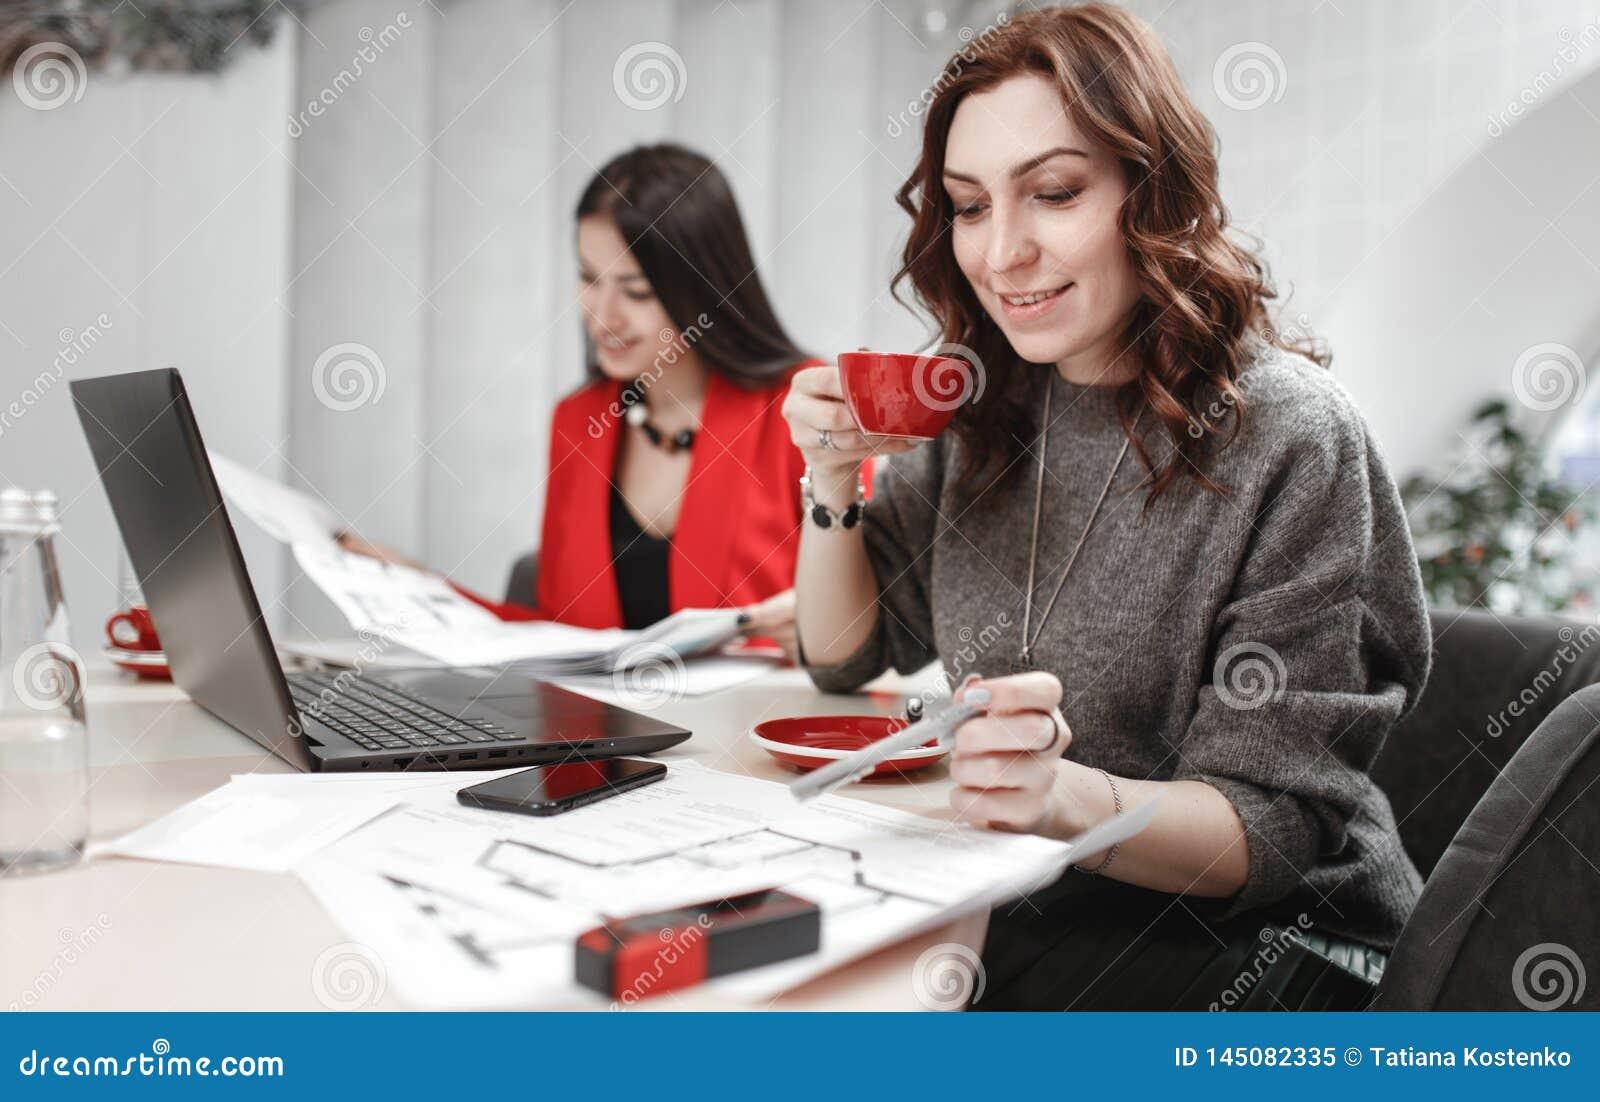 两年轻女人设计师队工作在内部开会设计项目在有膝上型计算机的书桌和